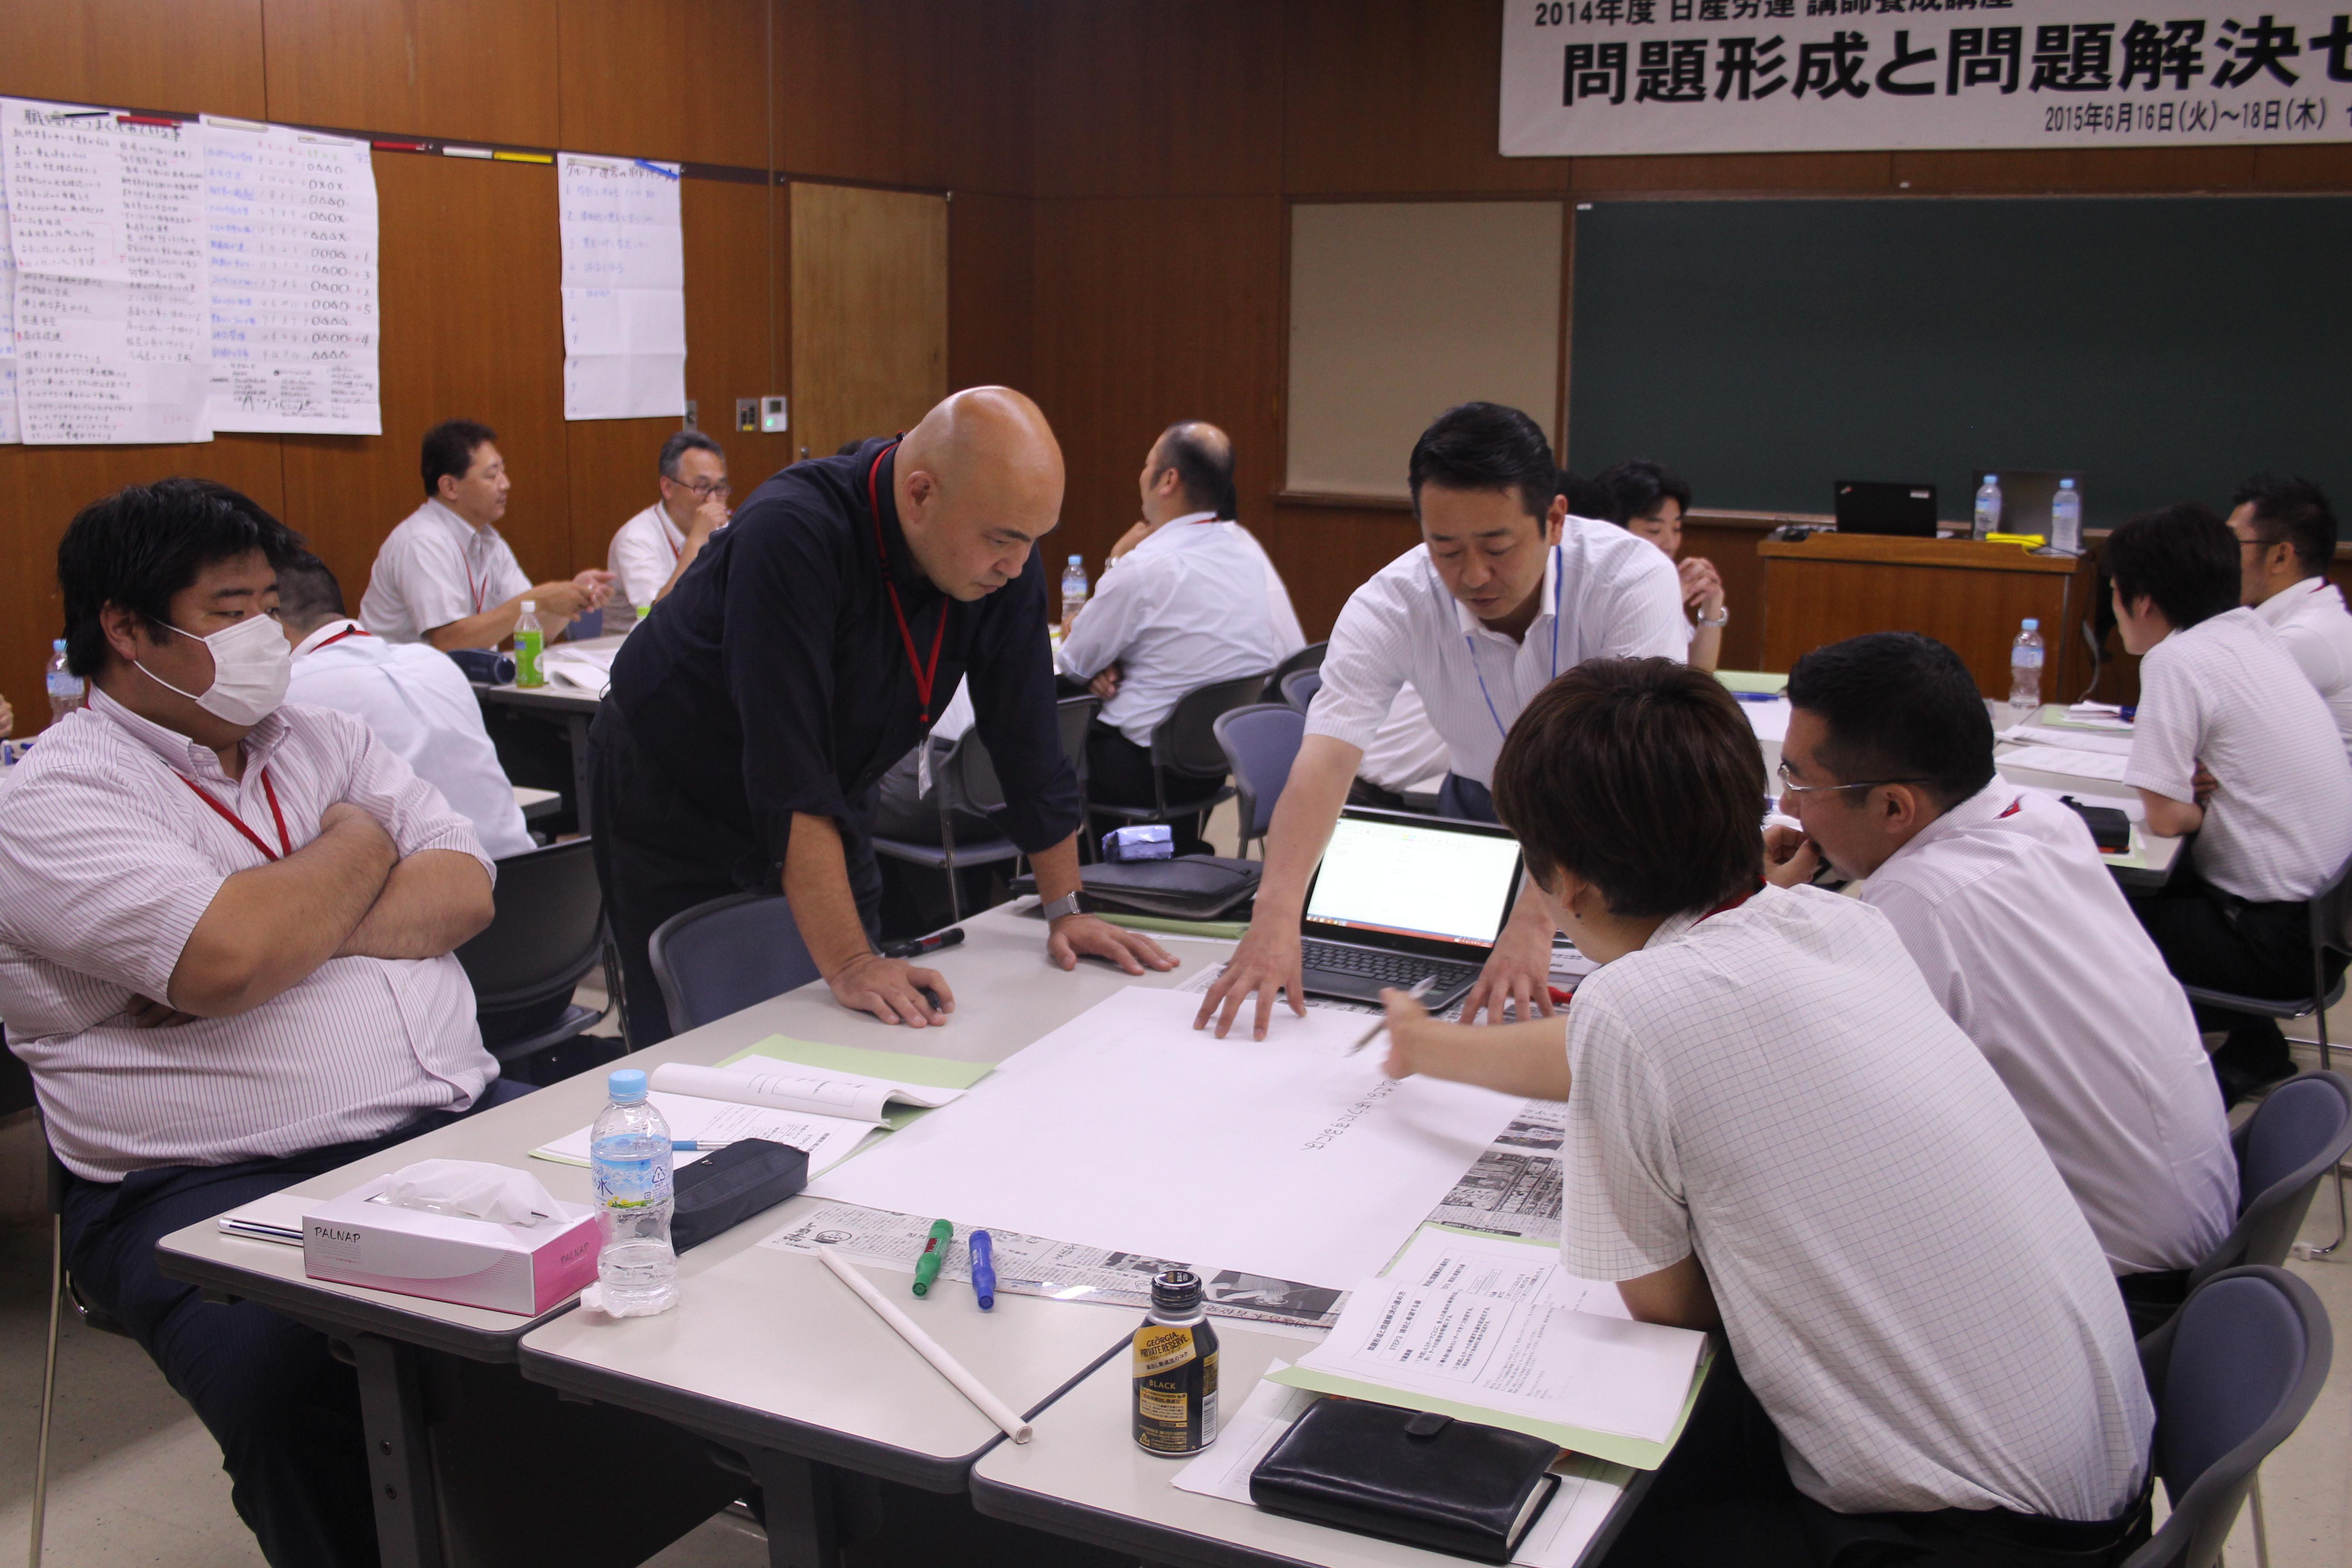 講師養成講座 問題形成と問題解決セミナー